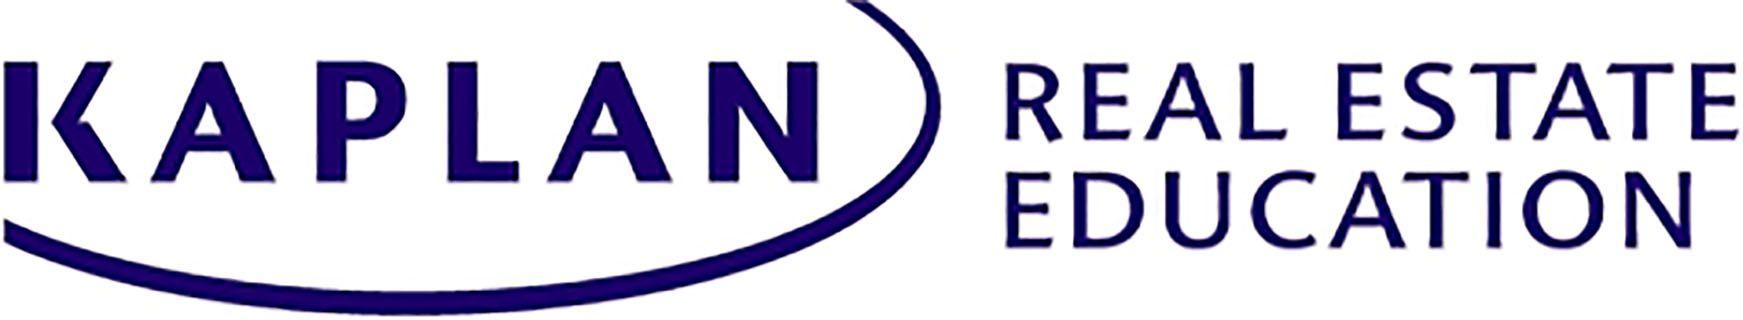 Kaplan Real Estate Education